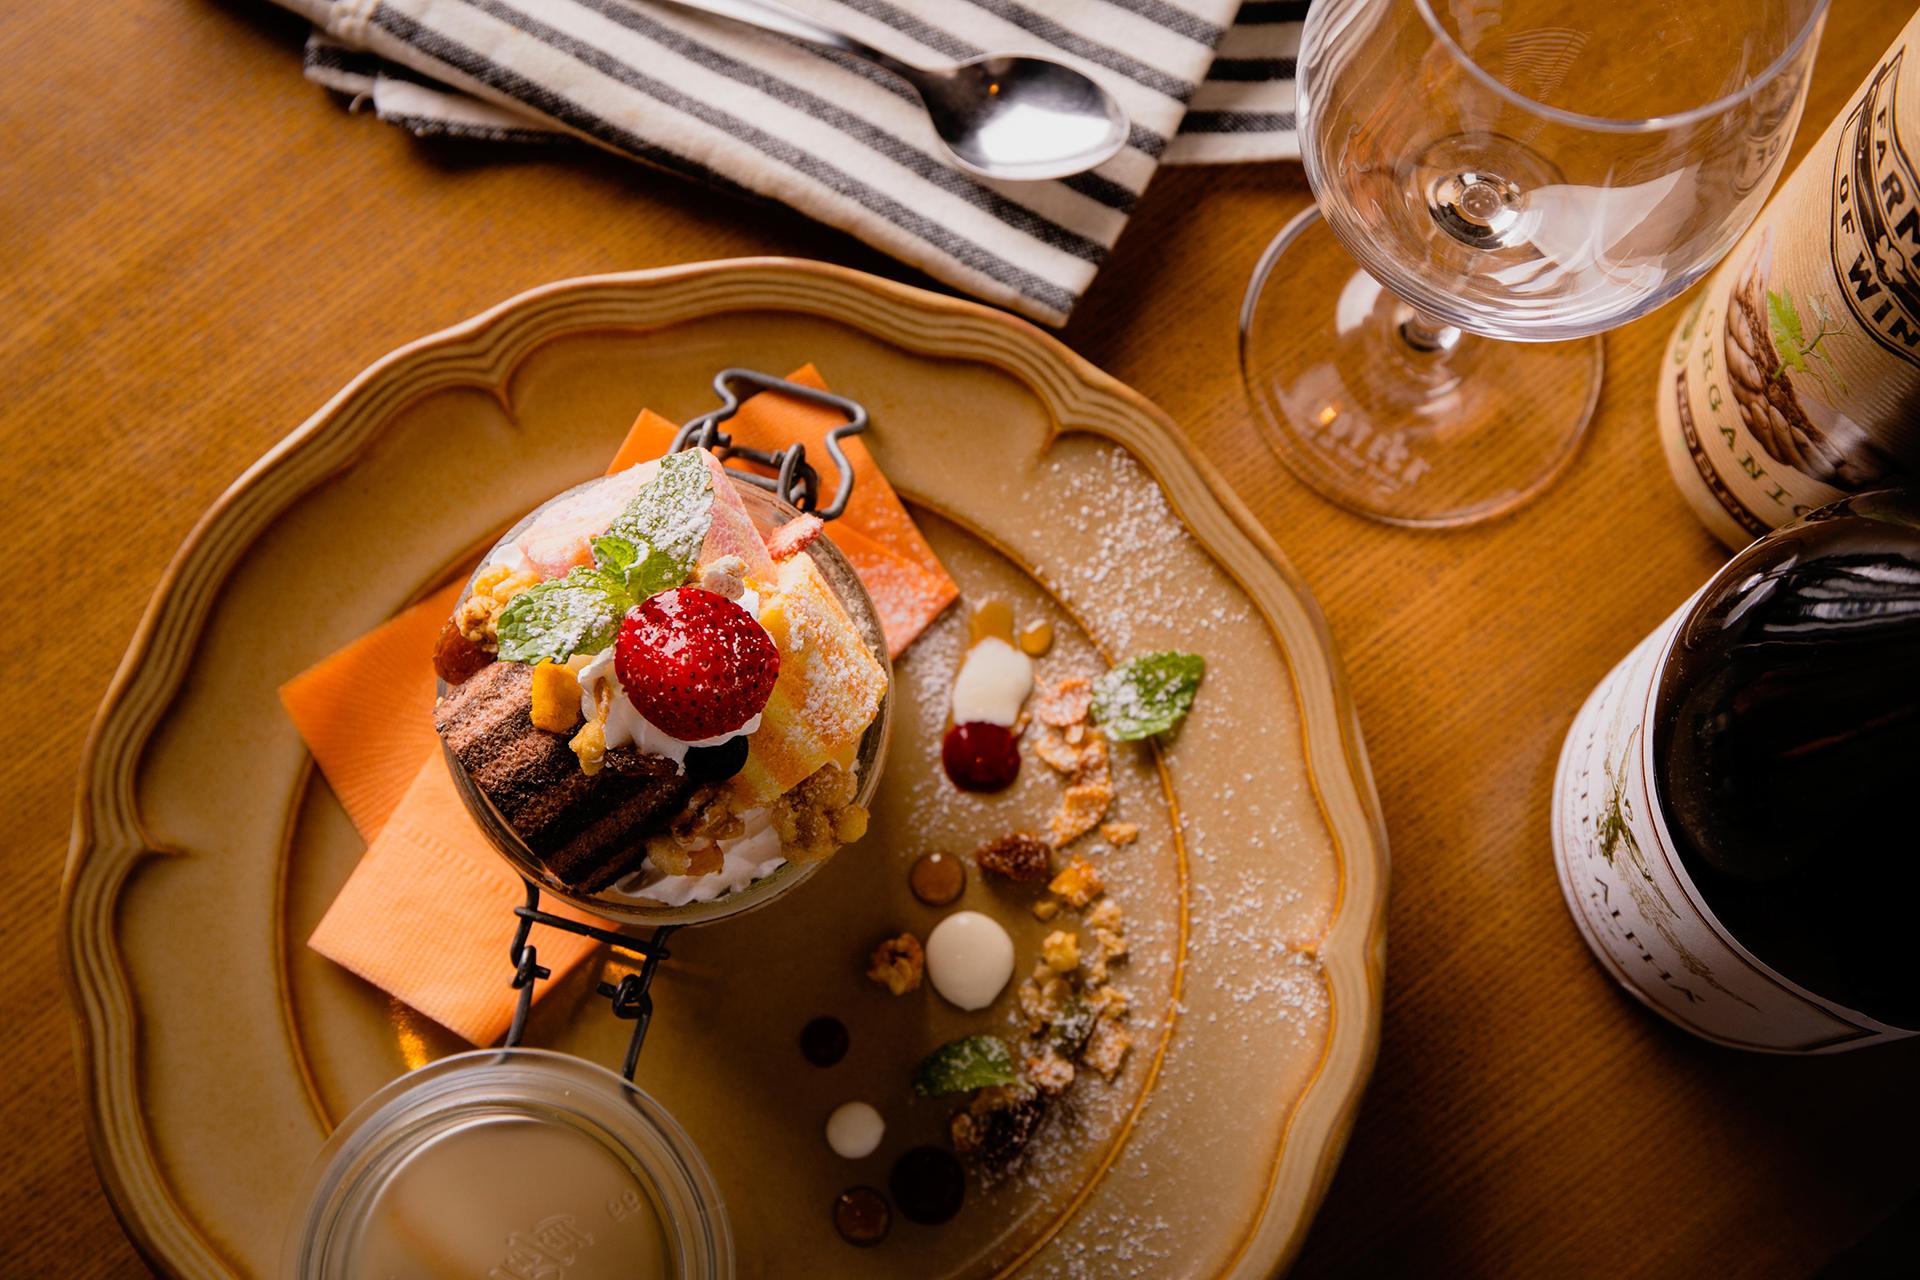 この写真はランタンナイトで食べられる夜パフェ。パフェを俯瞰している写真です